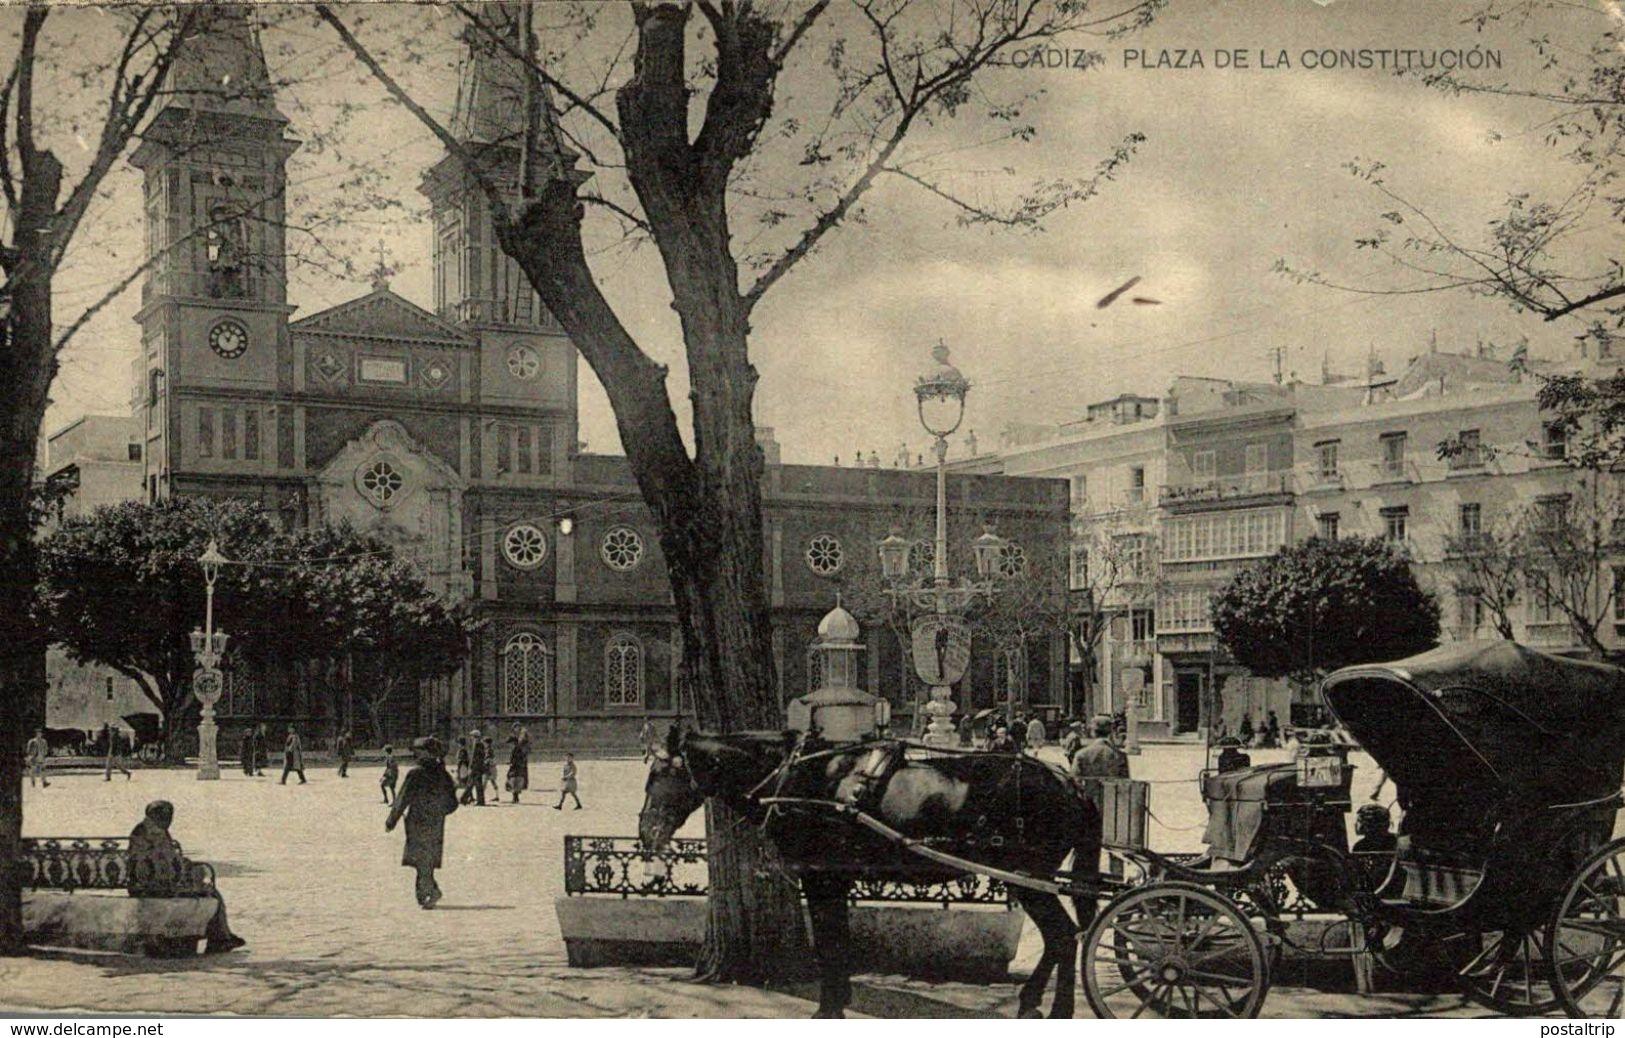 CADIZ - PLAZA DE LA CONSTITUCION. HAUSER Y MENET - Cádiz